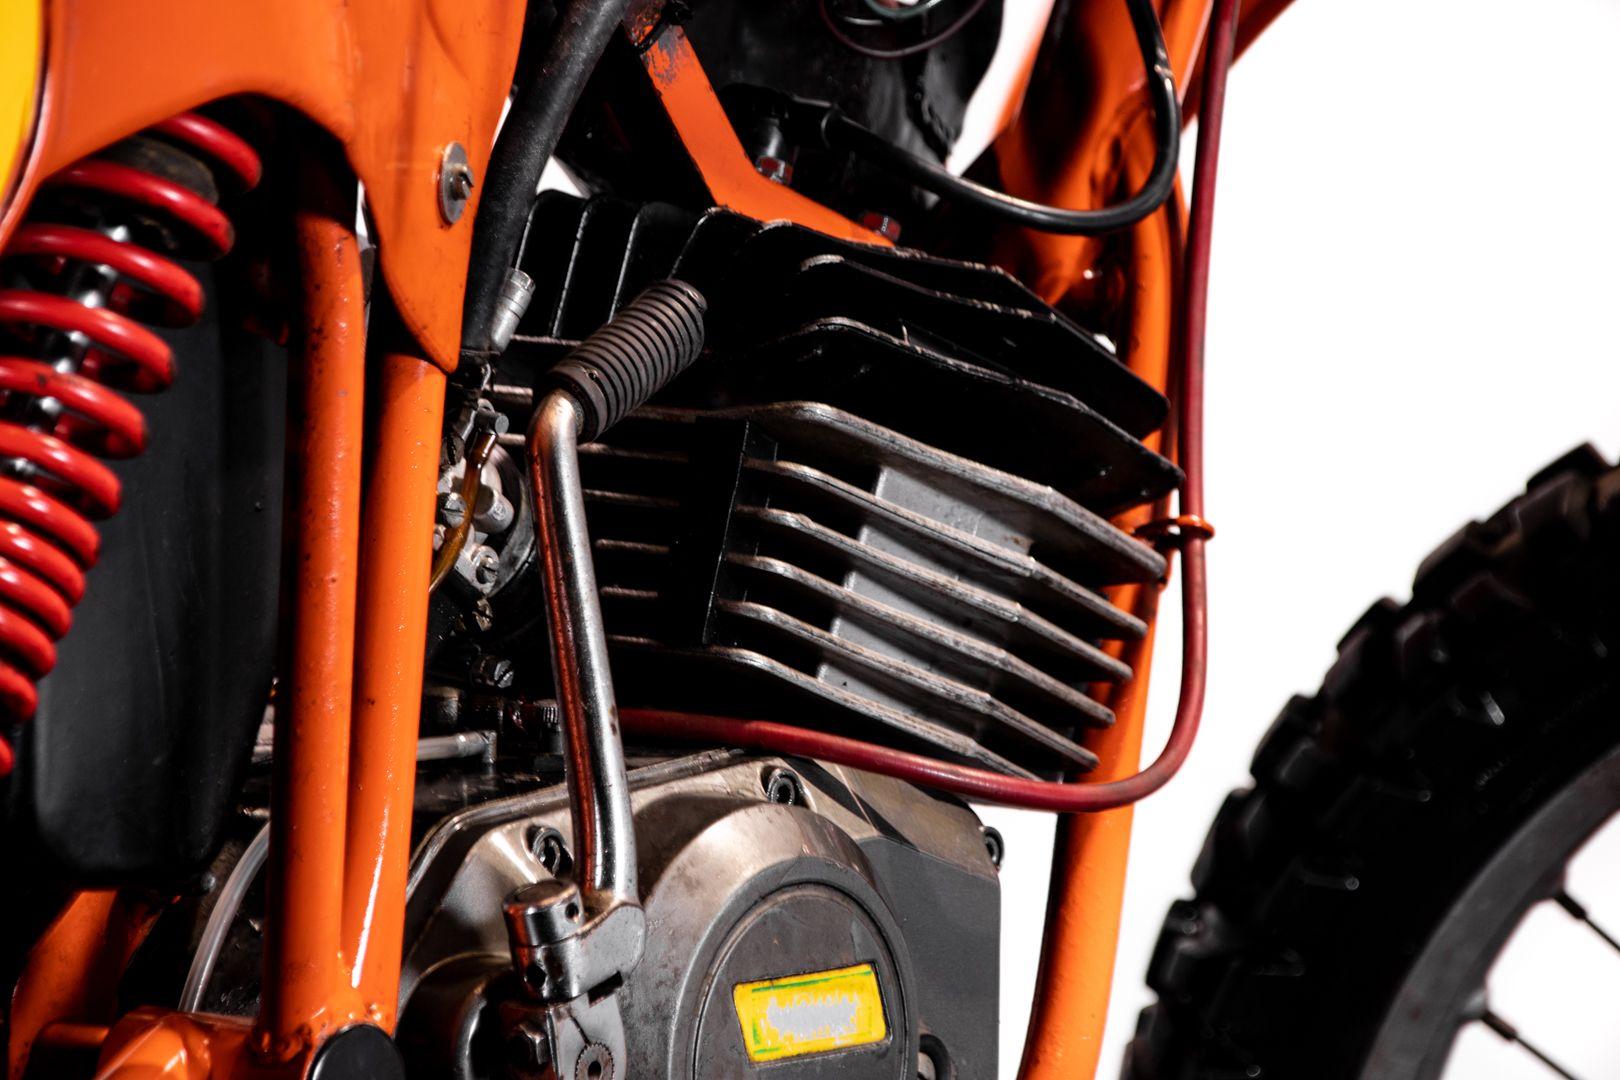 1981 SWM 50 MK50 RBS 69140